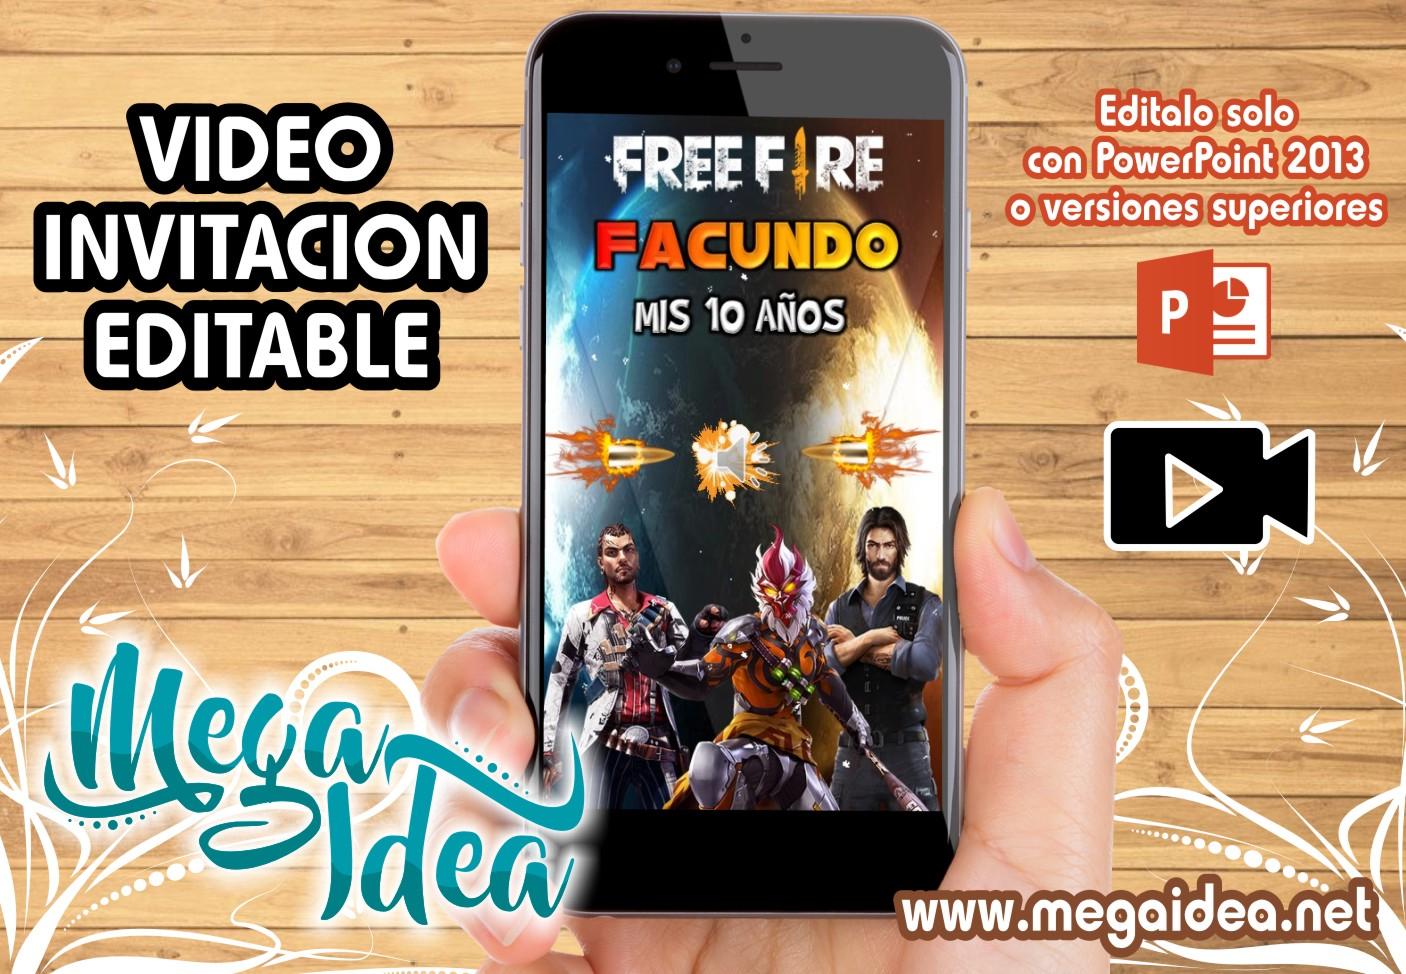 VIDEO Invitacion FREE FIRE